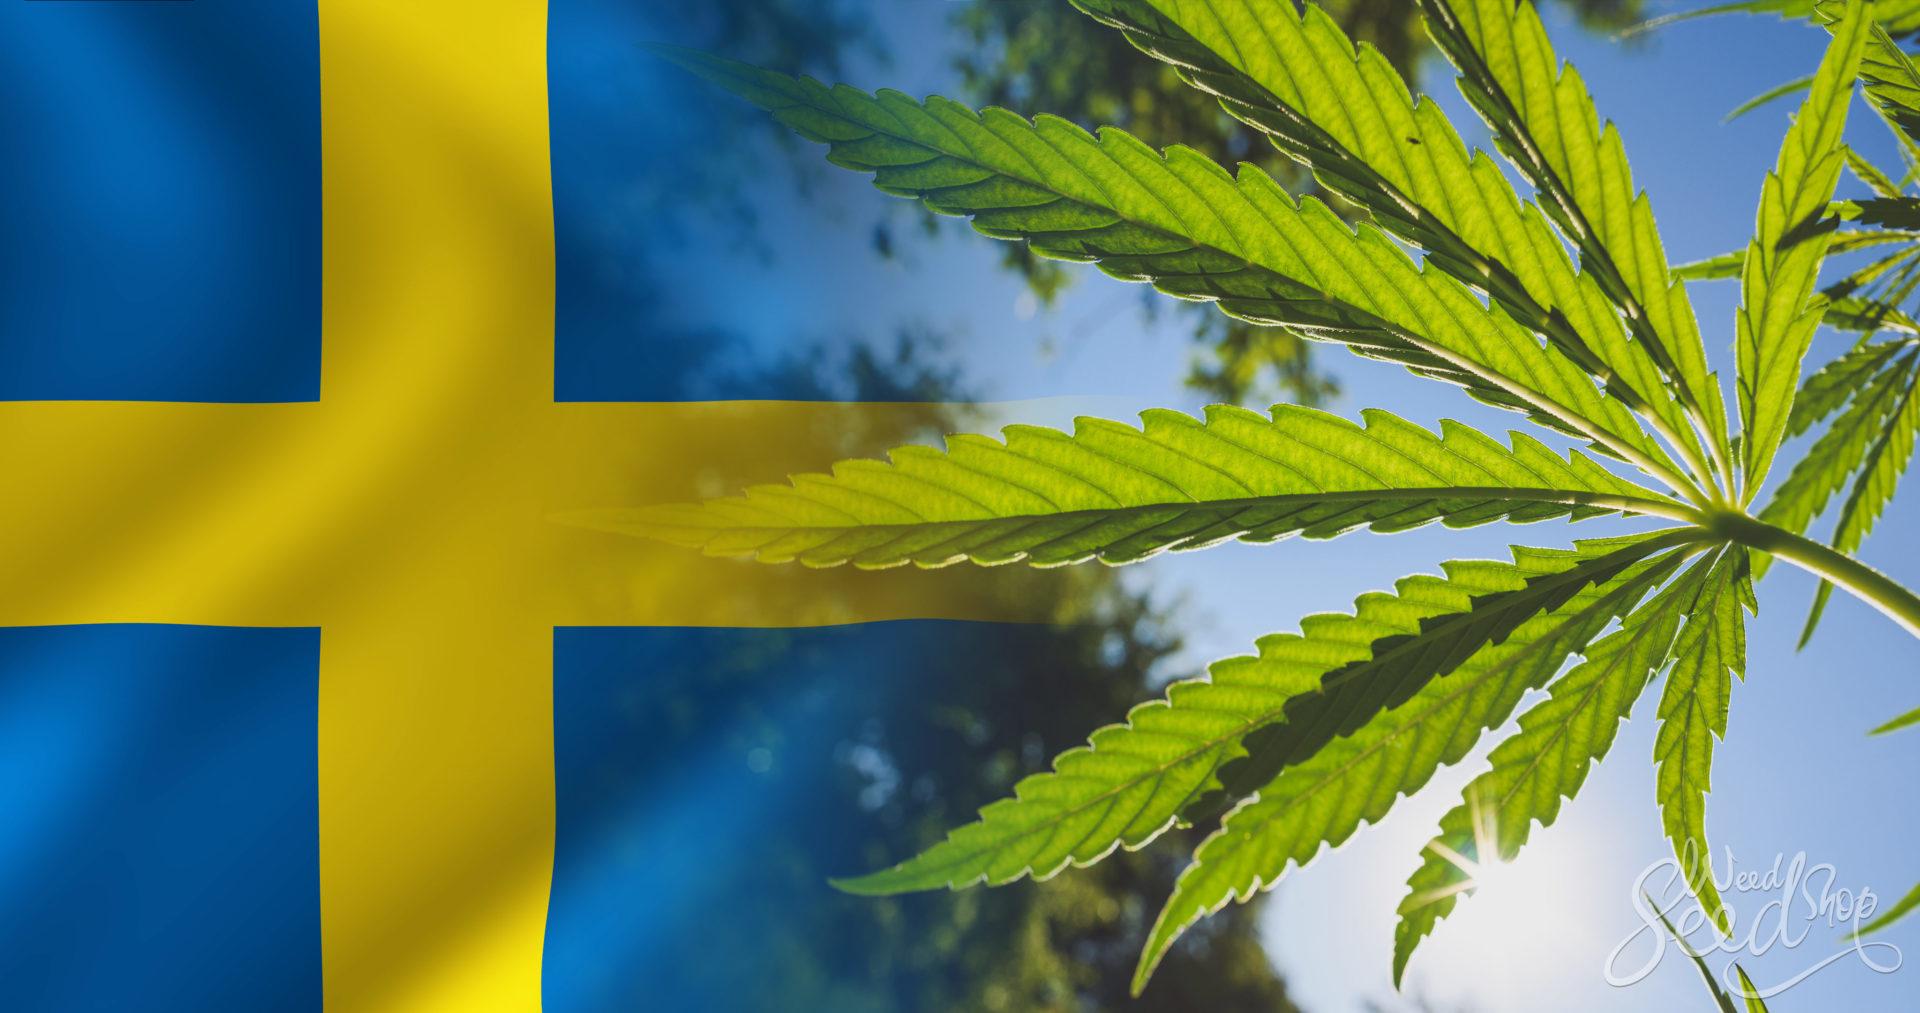 """Szwecja z polityką """"zero tolerancji dla narkotyków"""" notuje rekordowe spożycie marihuany"""